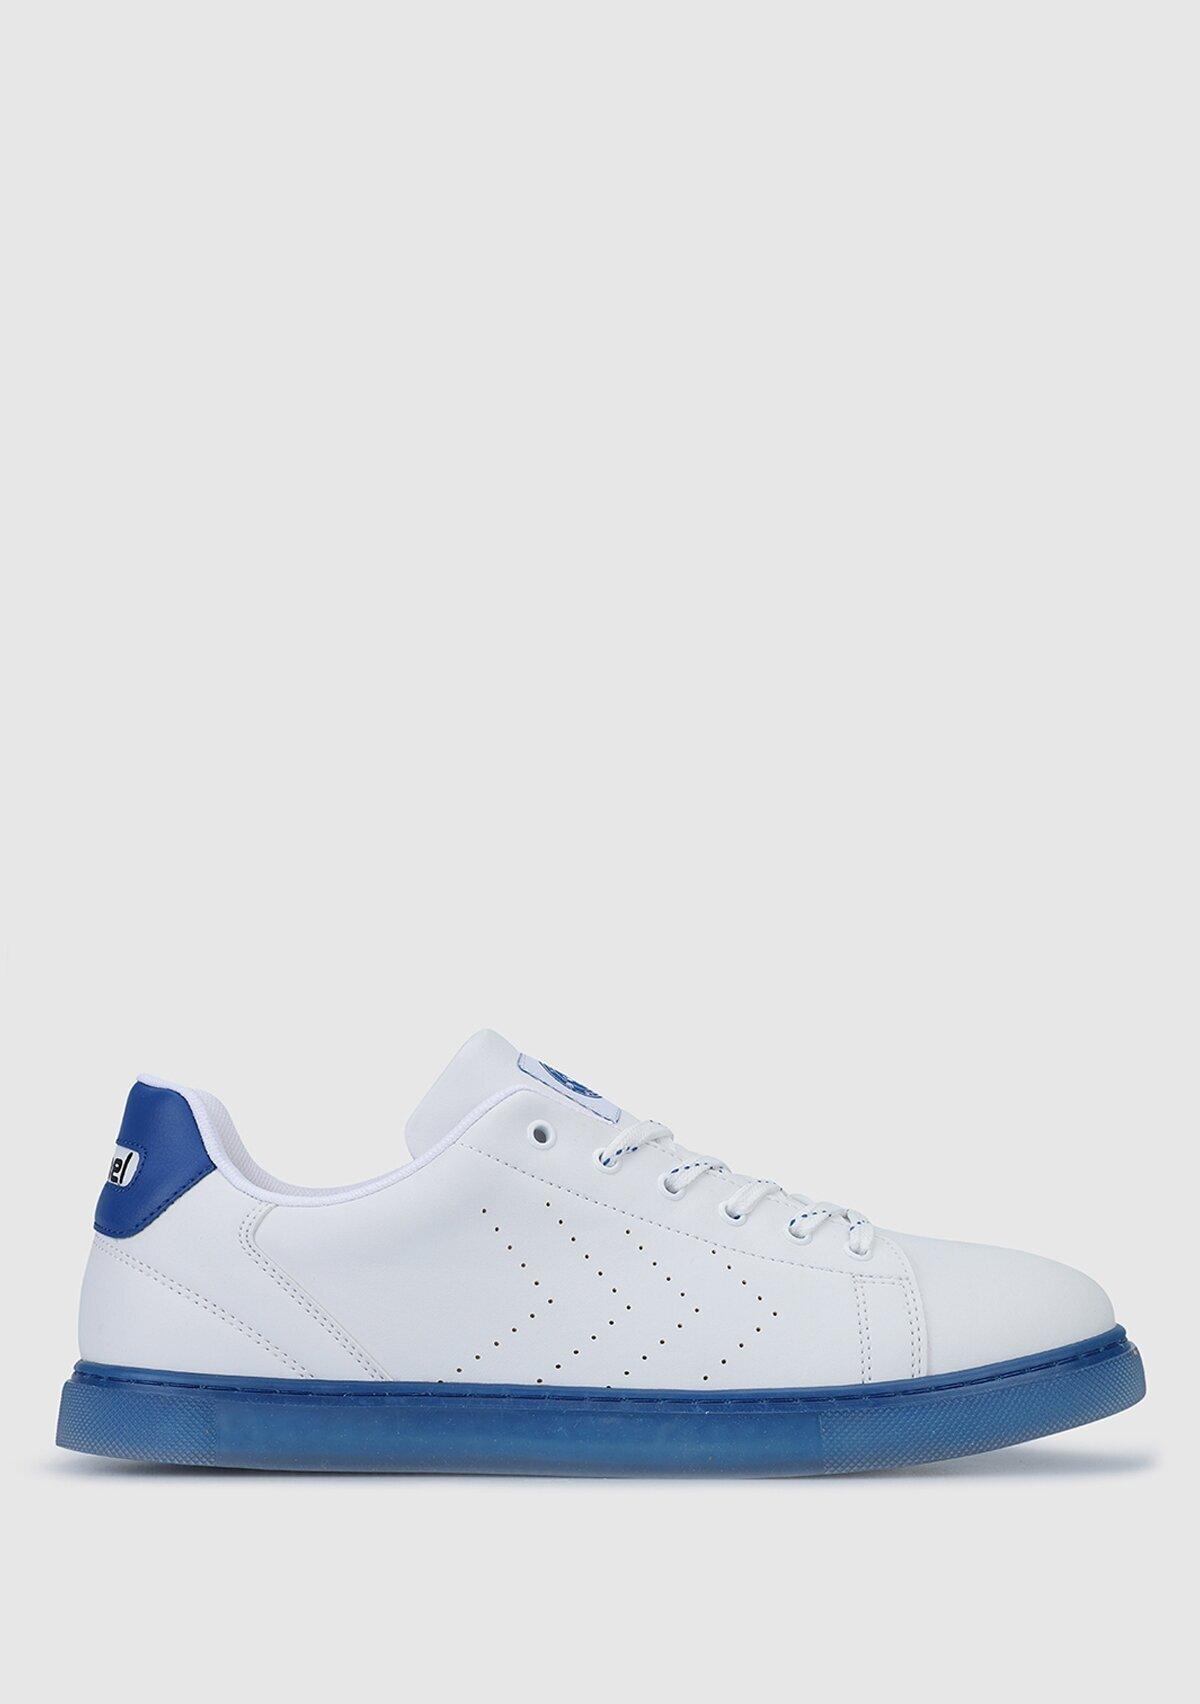 resm Hmltaegu Sneaker Beyaz Unisex Sneaker 212635-9109